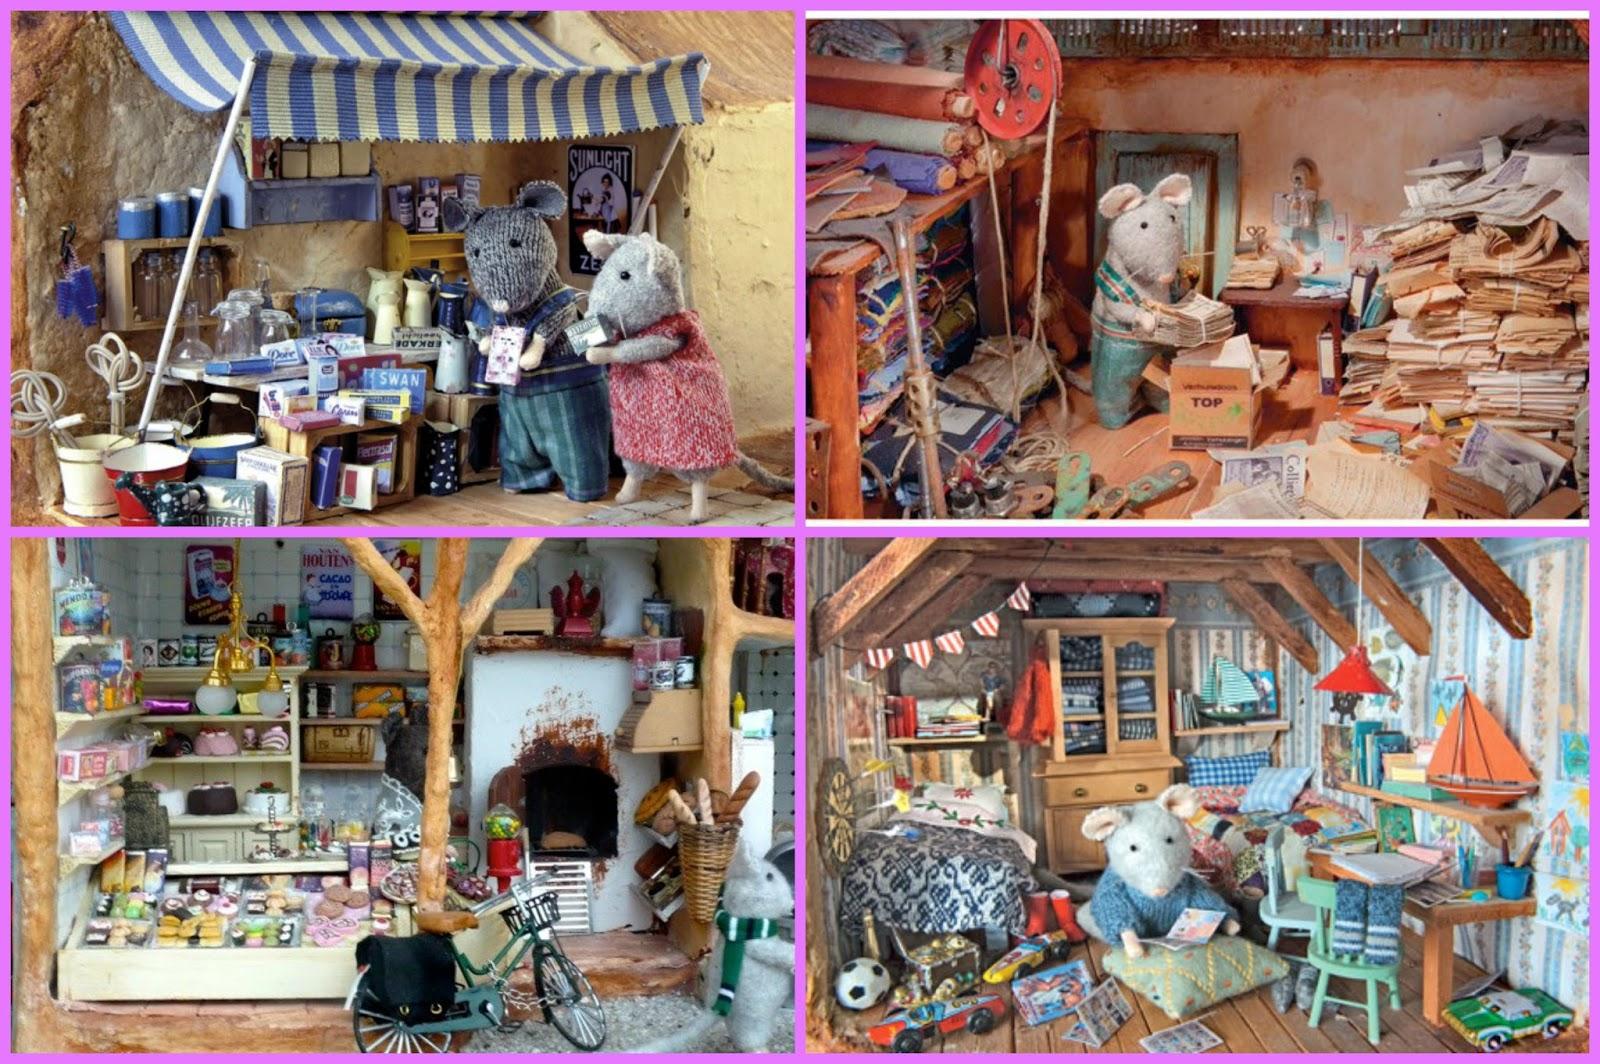 La biblioteca p blica de alfam n nos cuenta la casa de los ratones ideado creado y - Ratones en casa ...